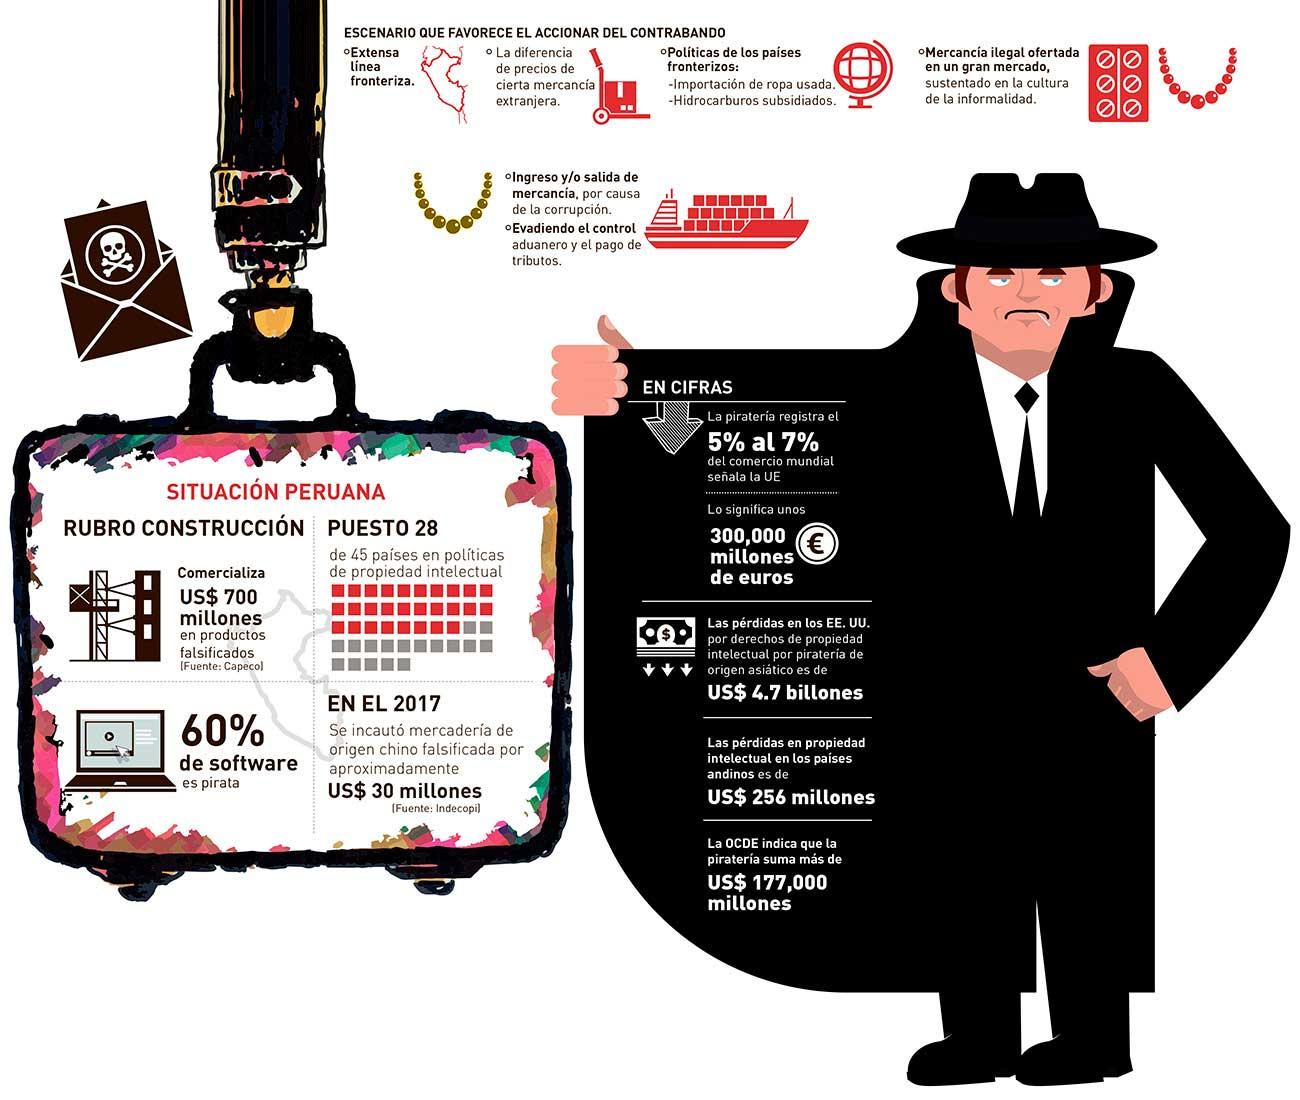 Las marcas más pirateadas en Perú